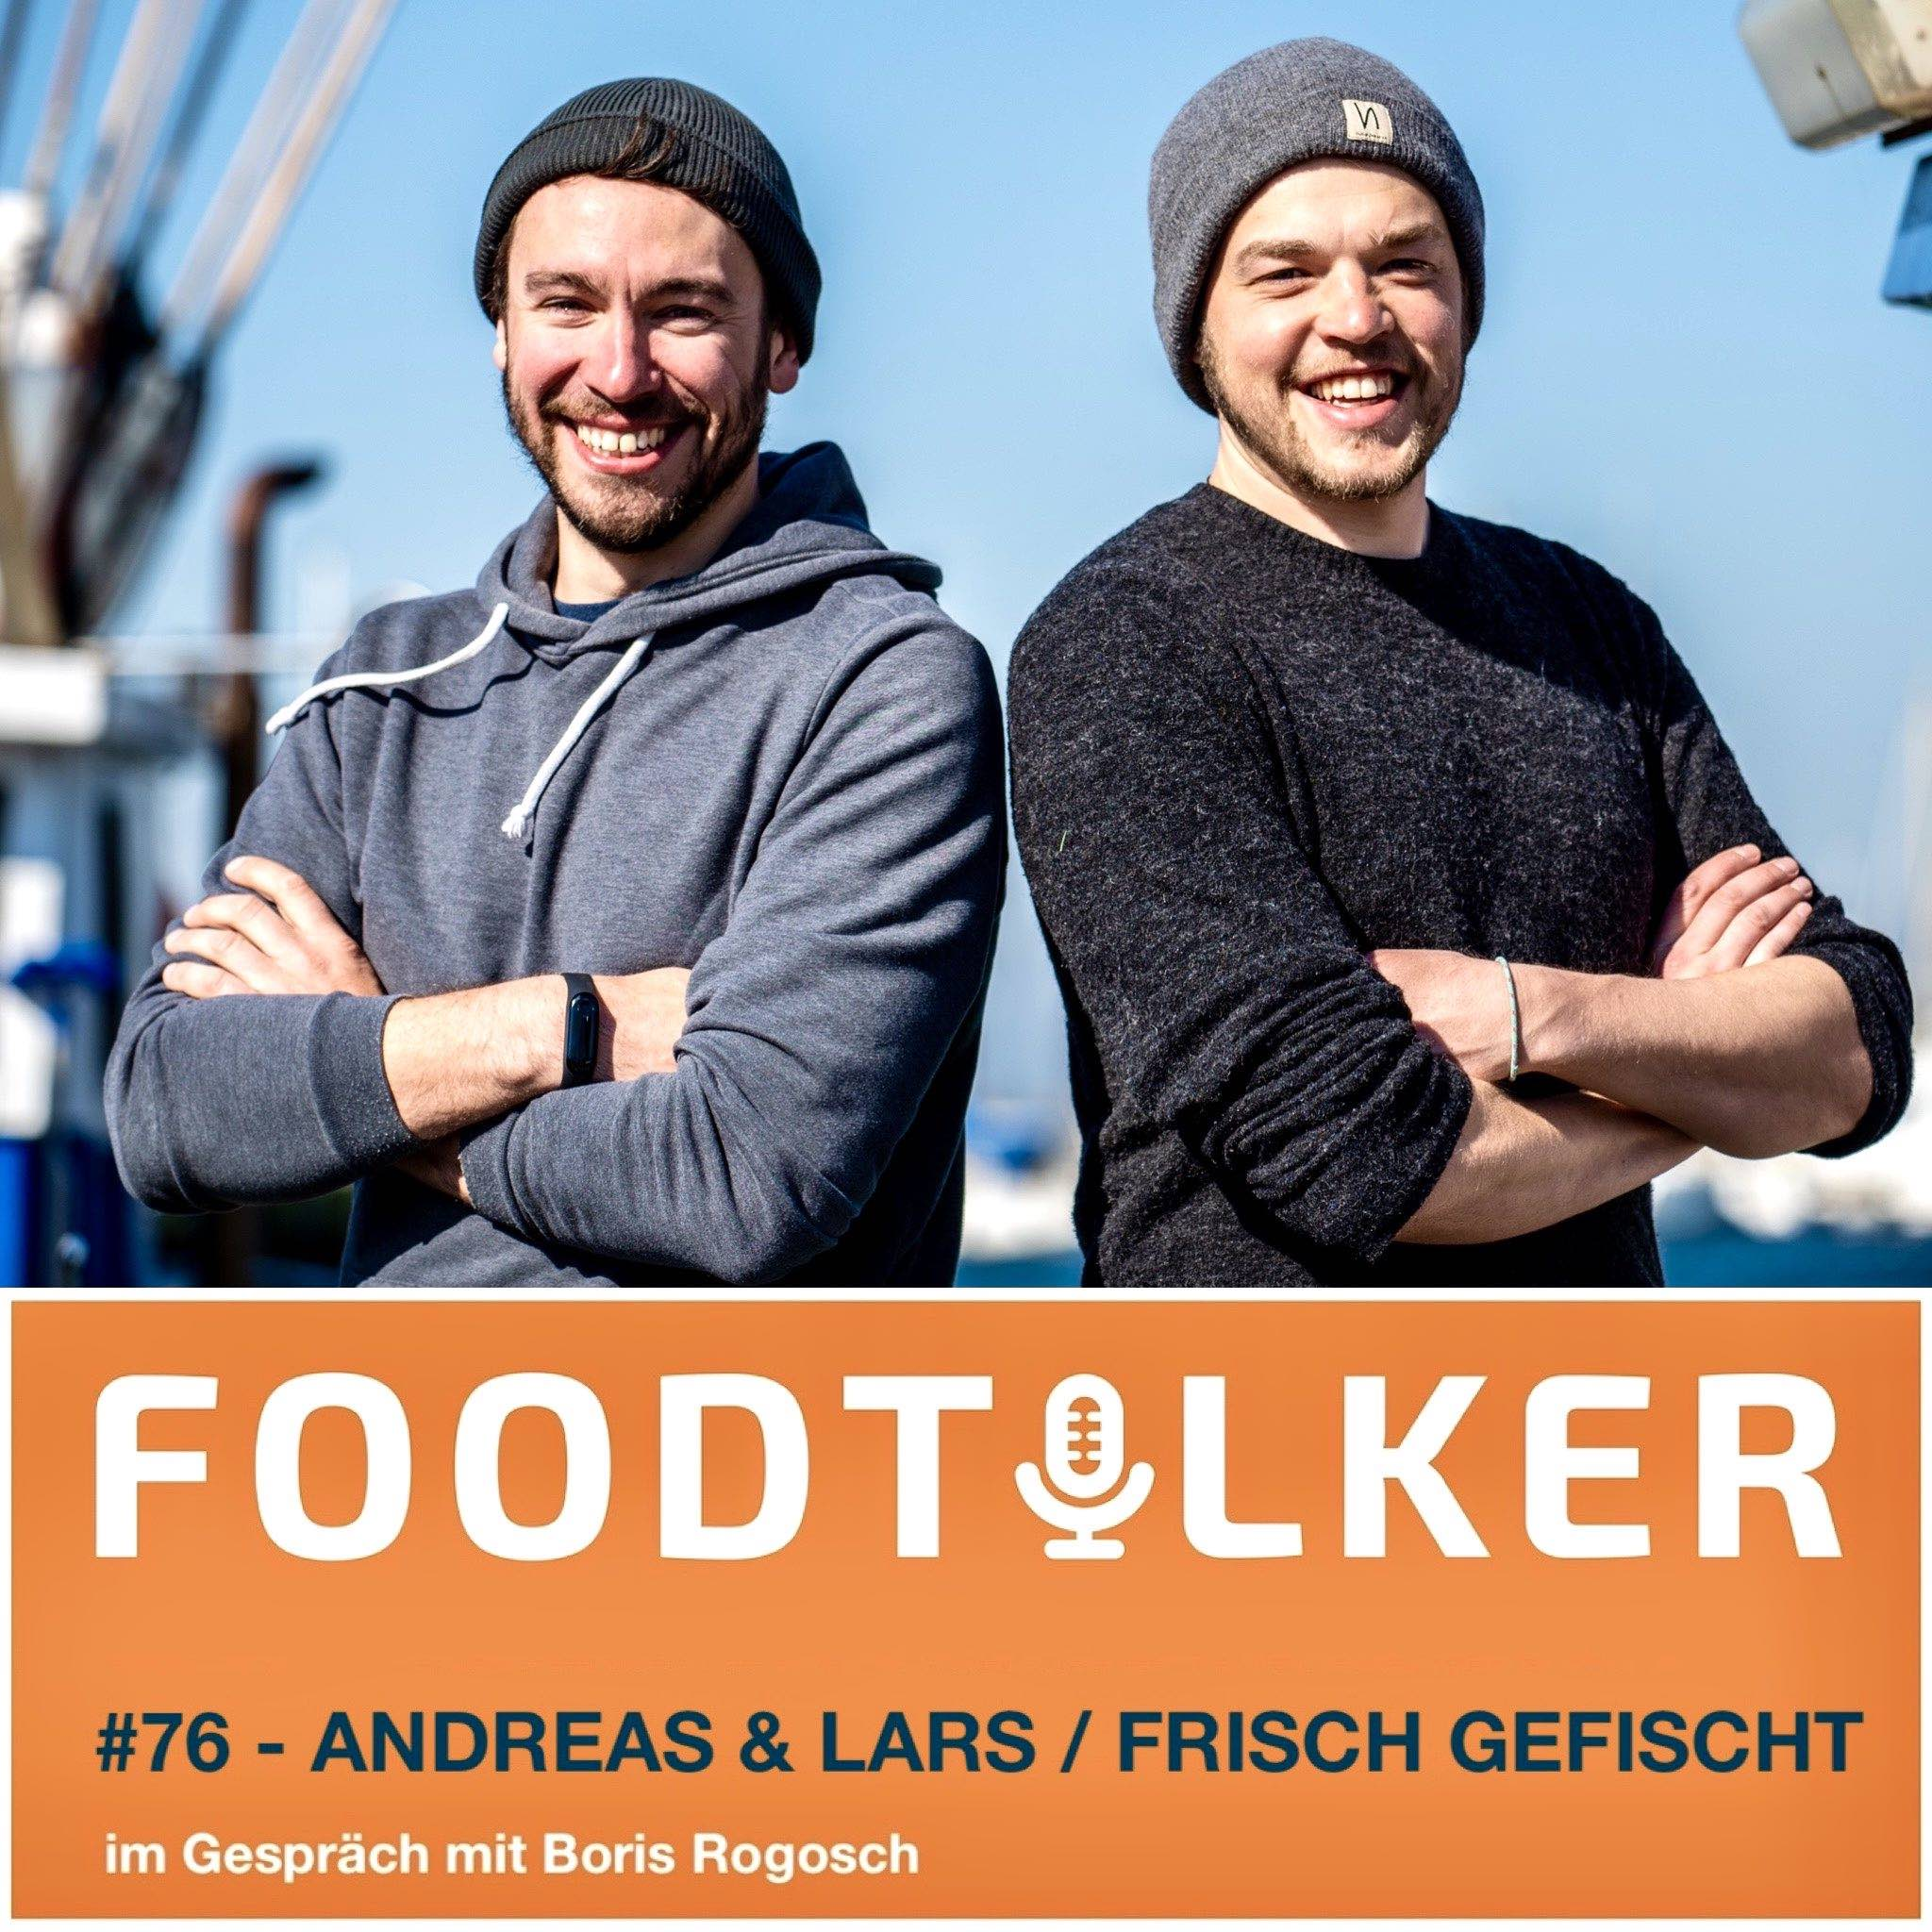 Andreas Reinhardt & Lars Bäumer